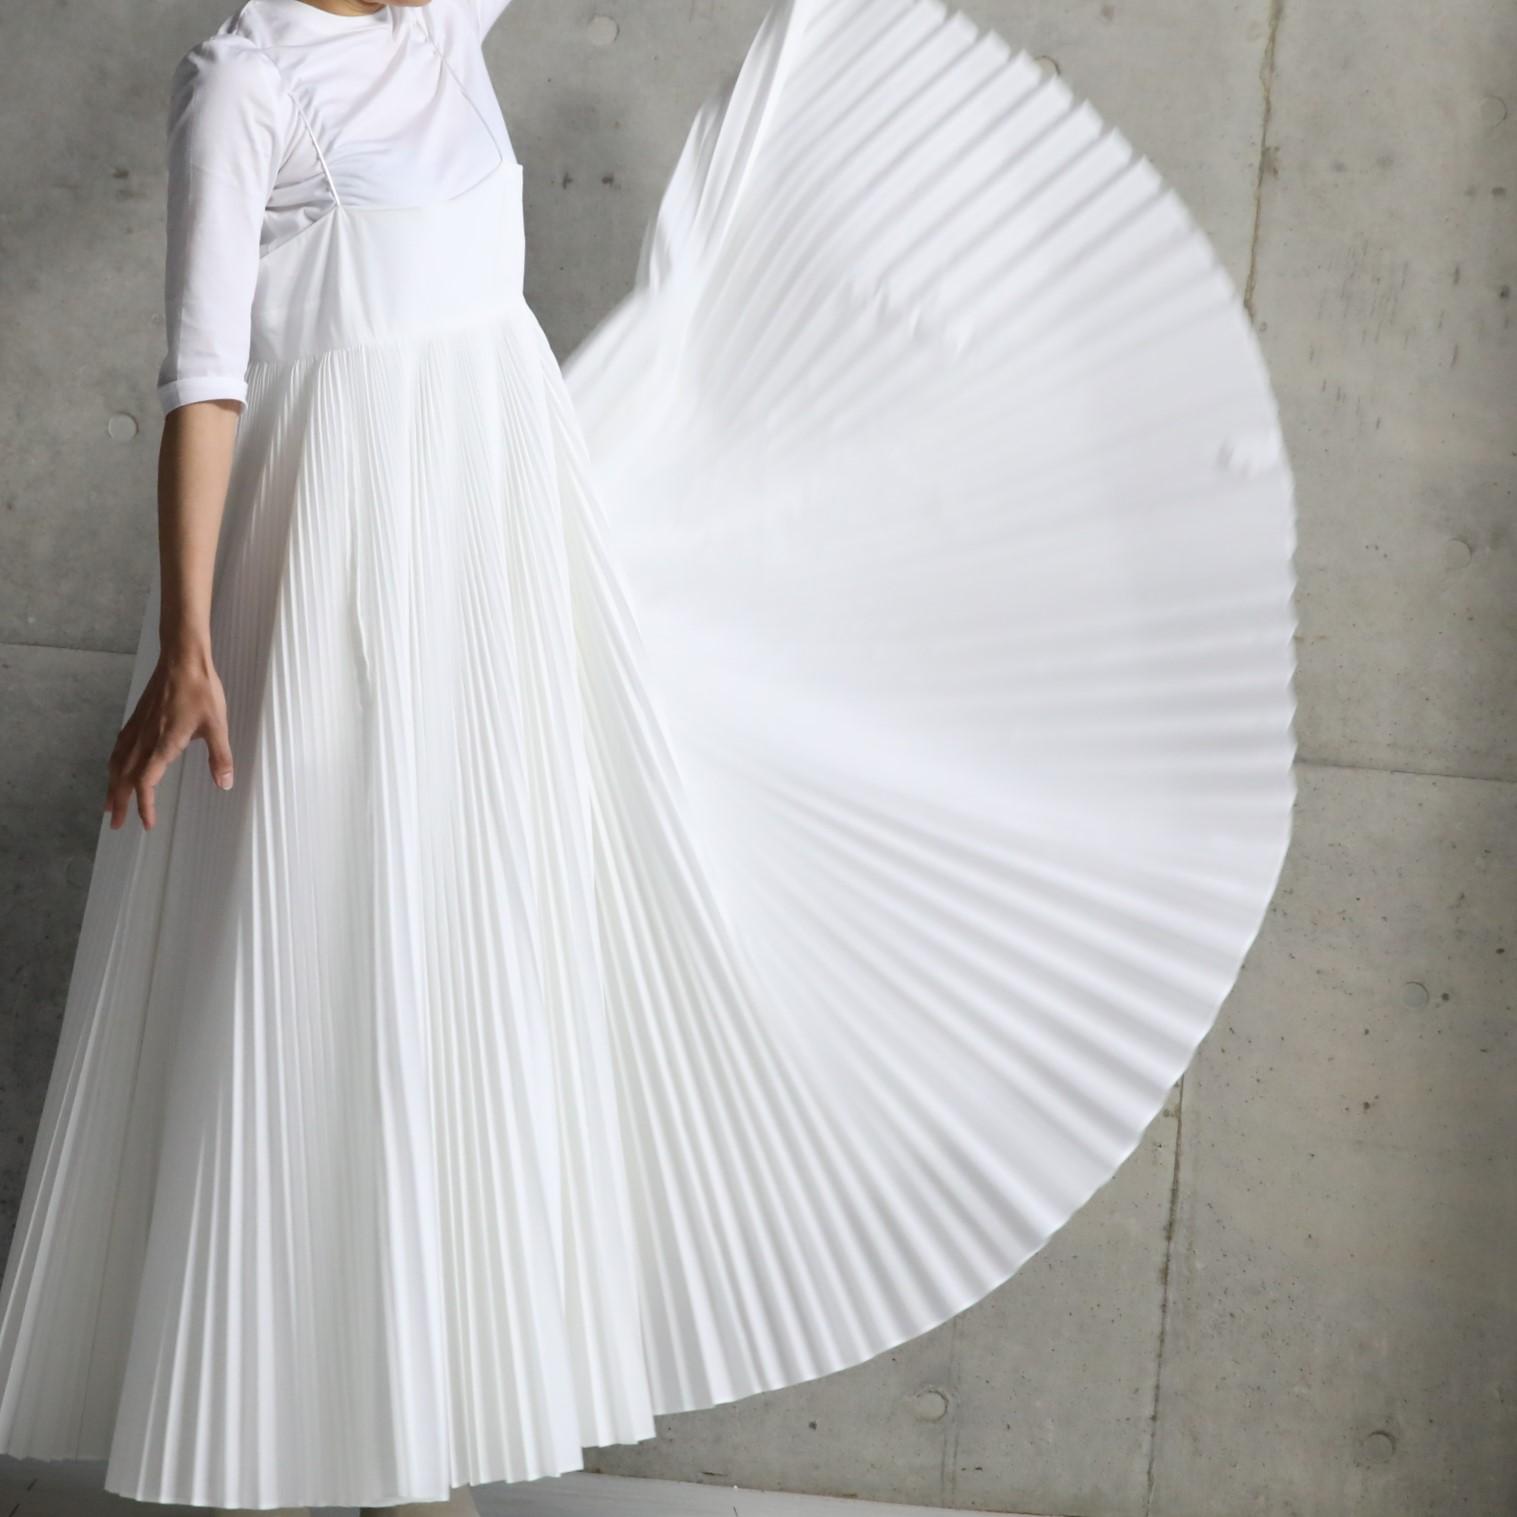 Cocco pleats white画像